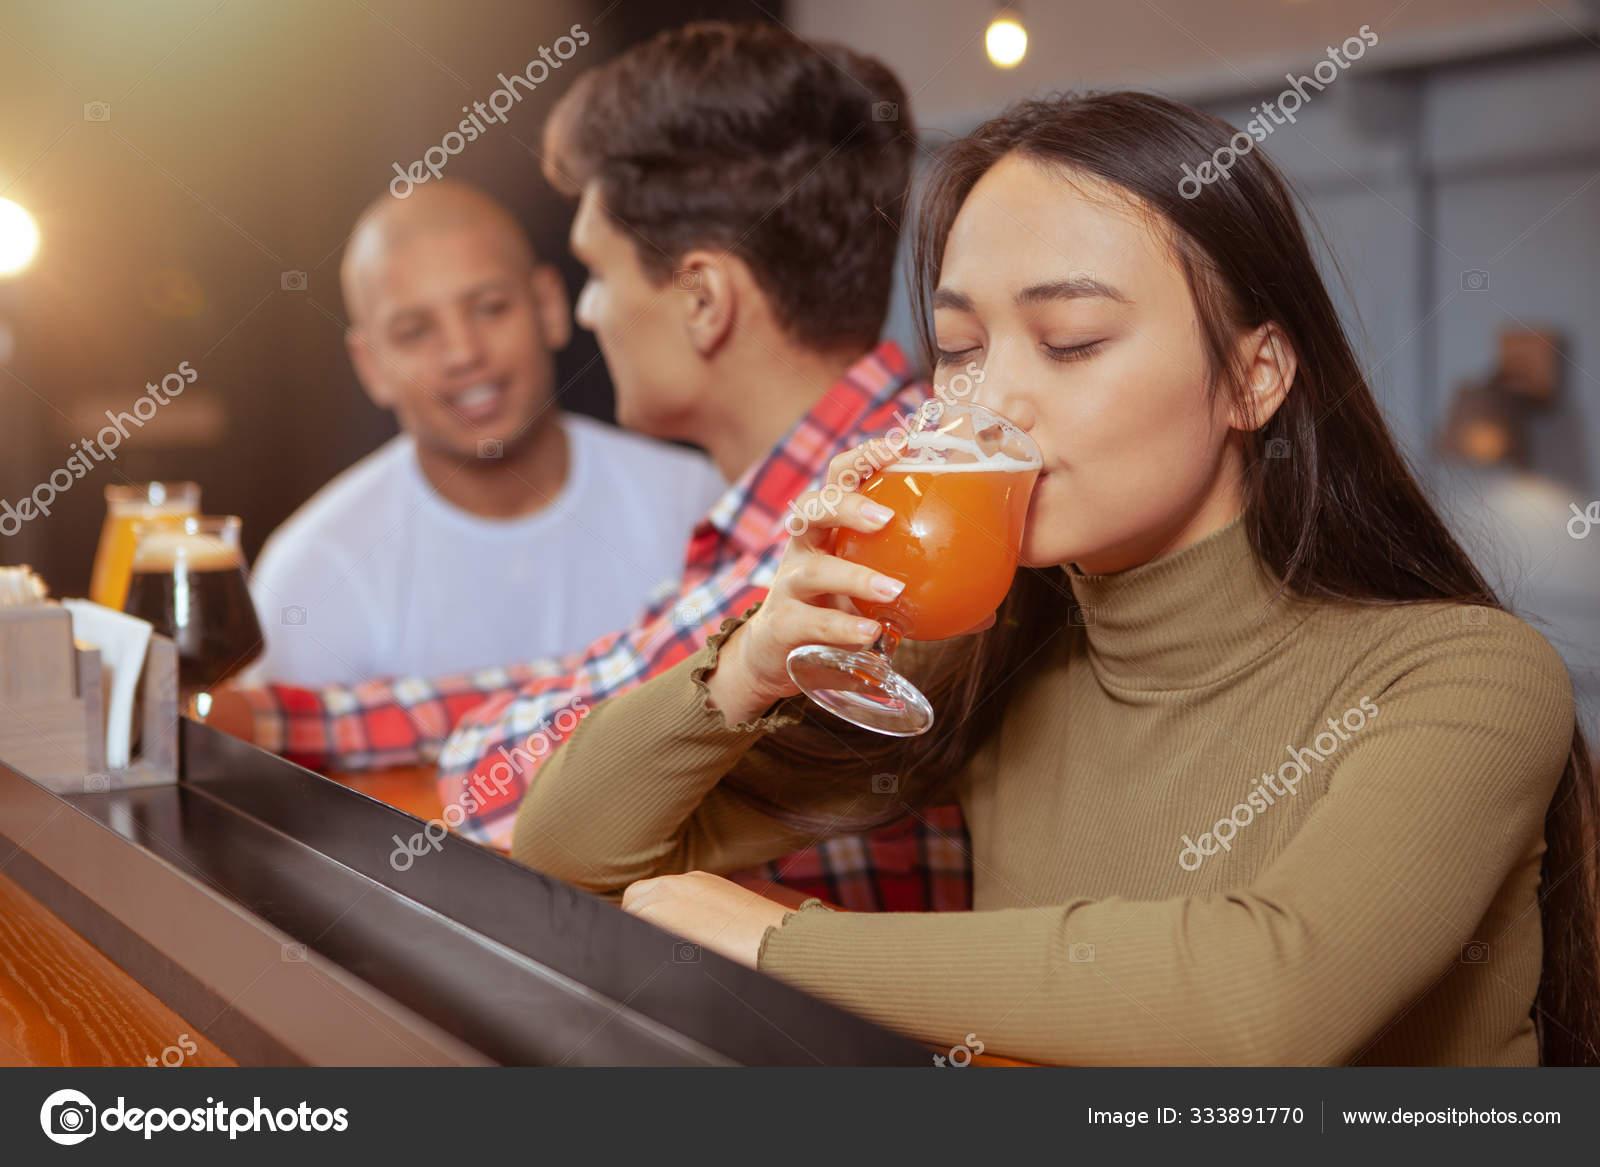 этой никогда не пей с друзьями фото здесь